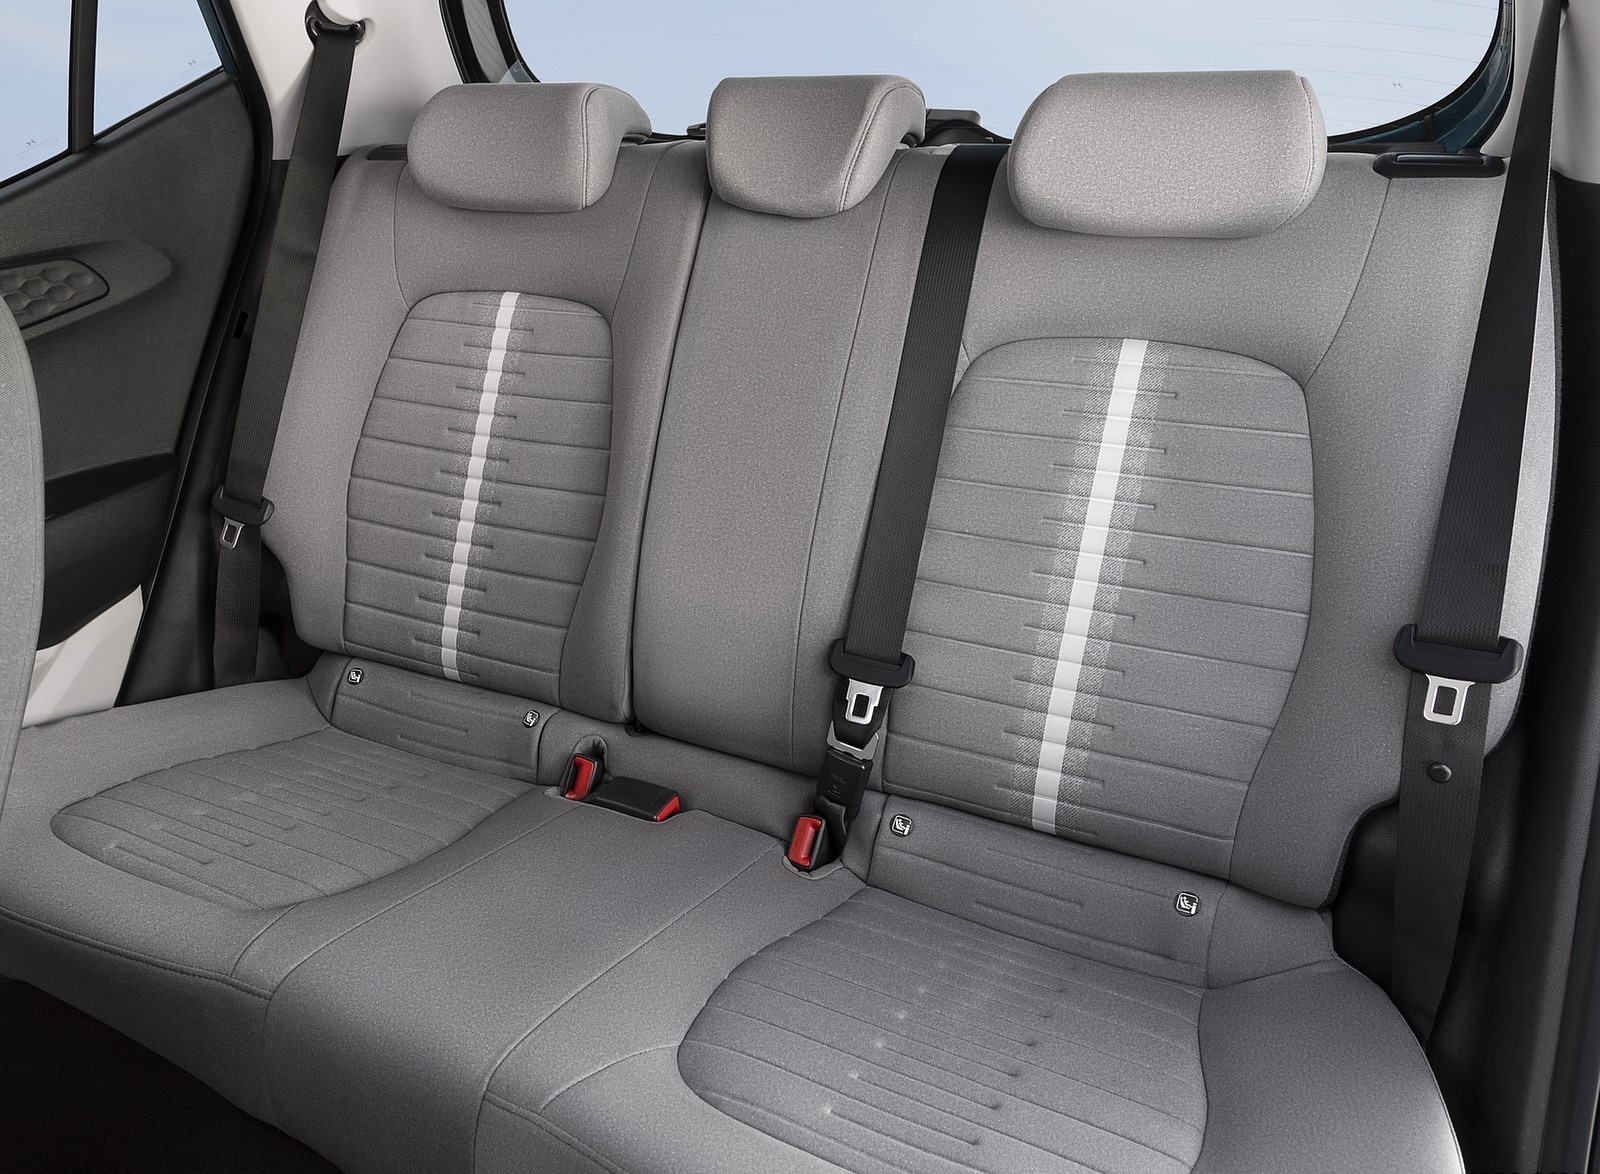 2020 Hyundai i10 Interior Rear Seats Wallpapers #73 of 80